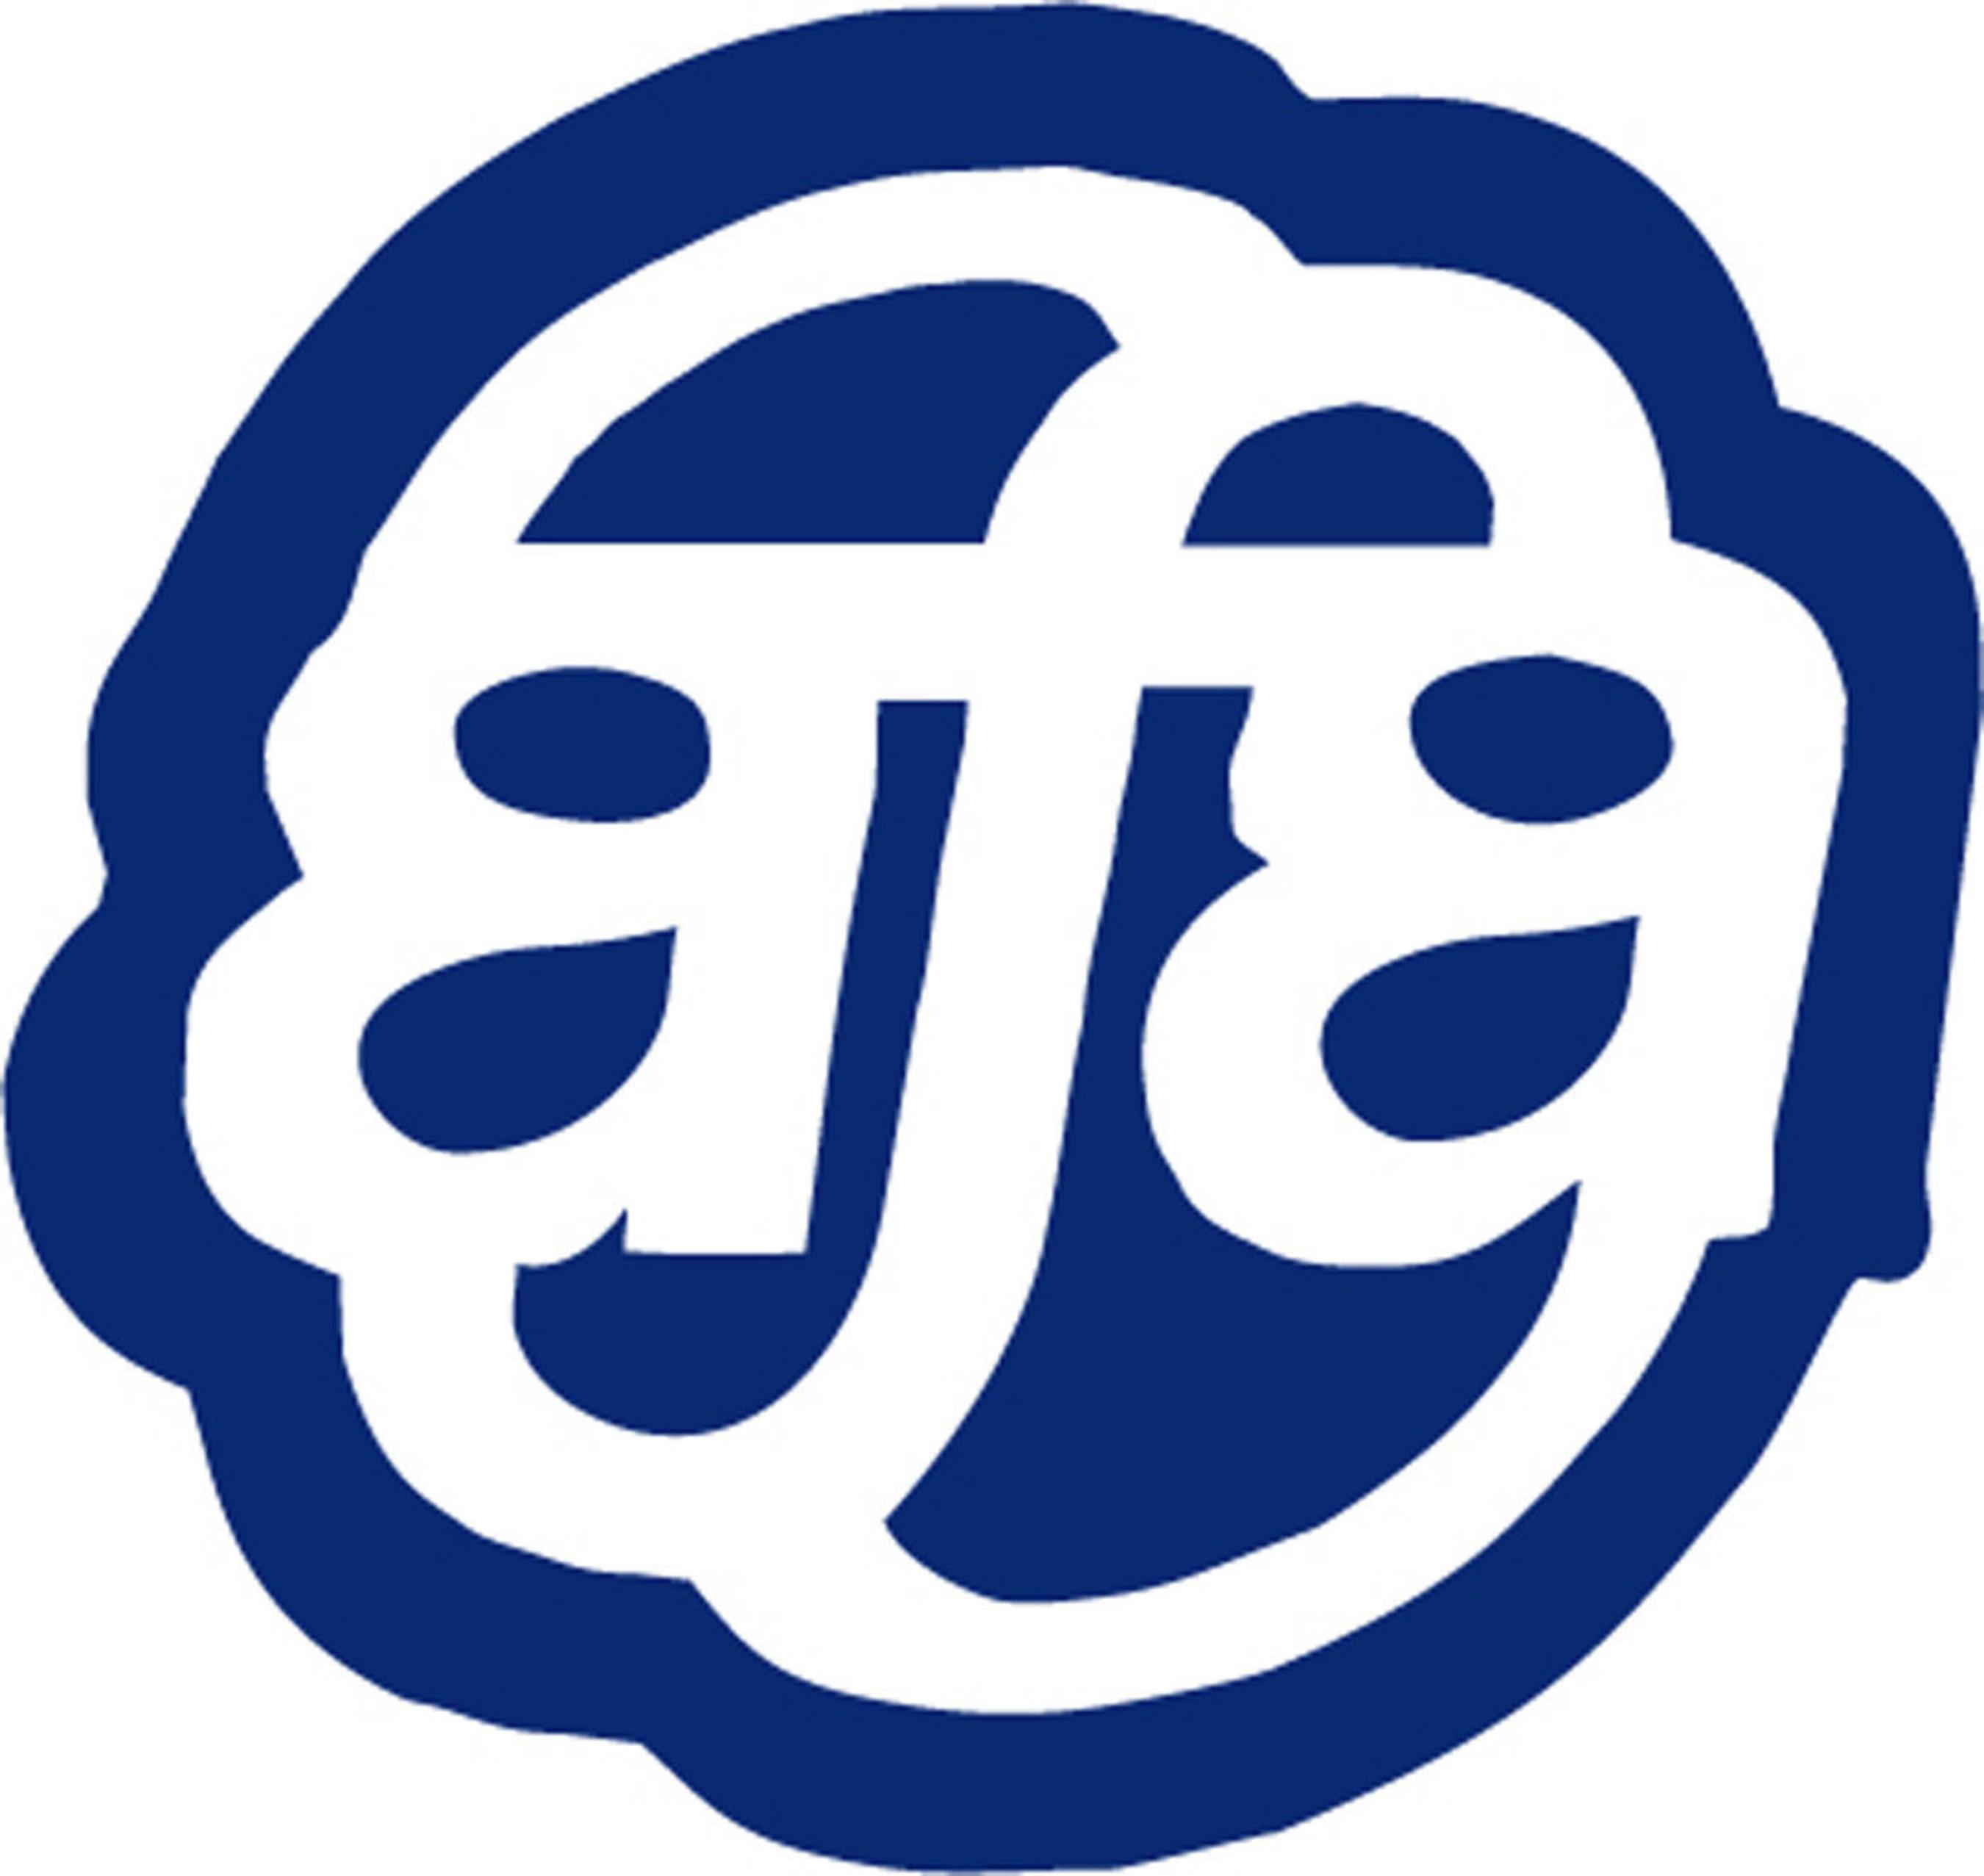 Association of Flight Attendants Logo